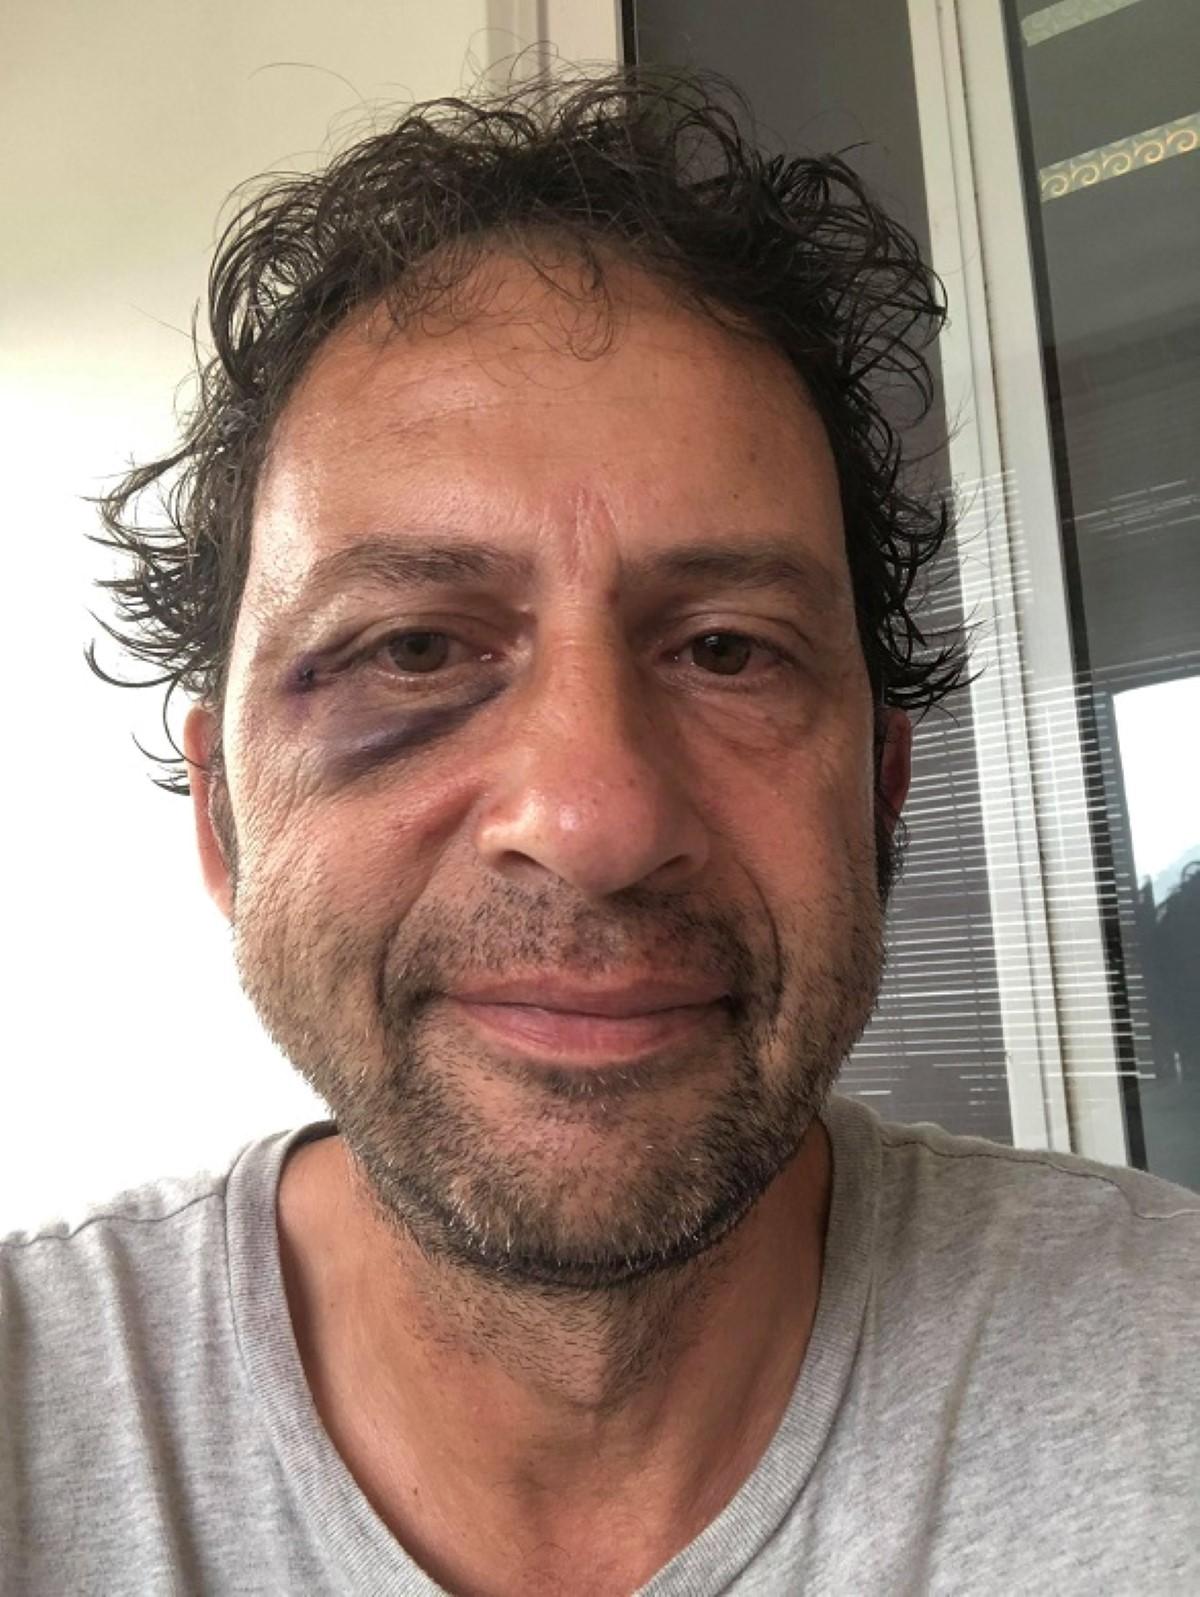 Léonard Odier, rédacteur en chef de France Mayotte victime d'agression à Port-Louis